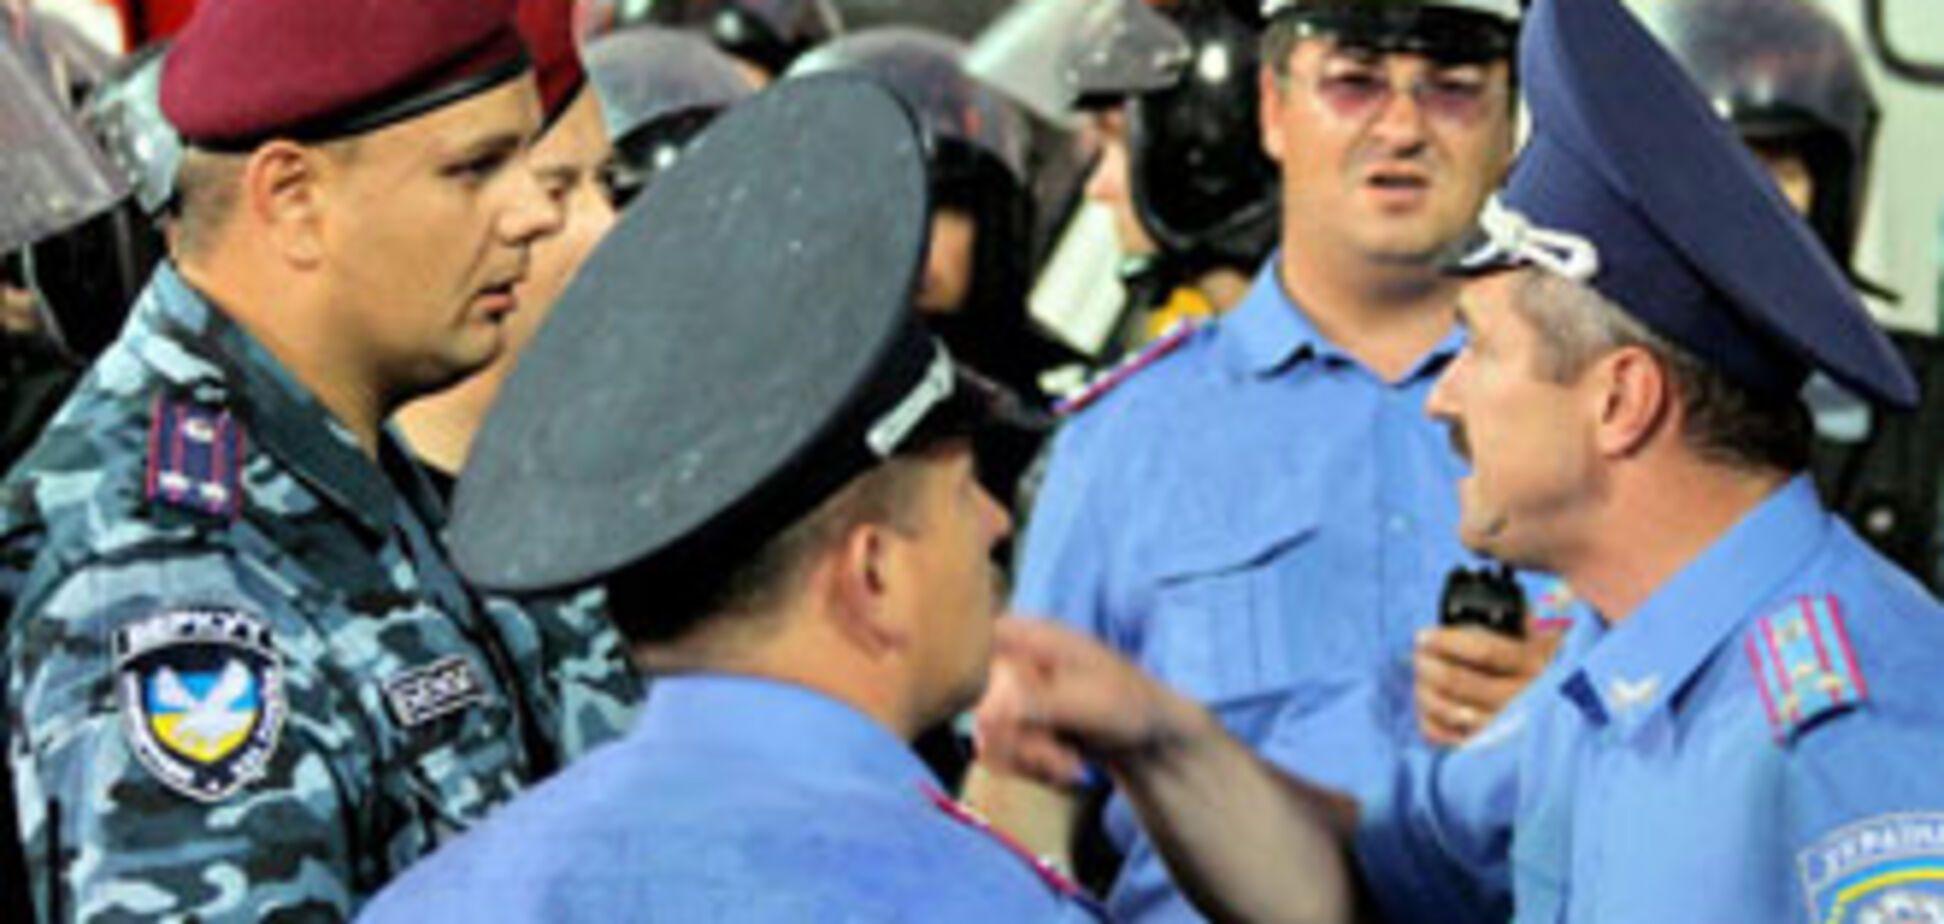 Міліція знайшла крайніх: у зростанні злочинності винні нардепи